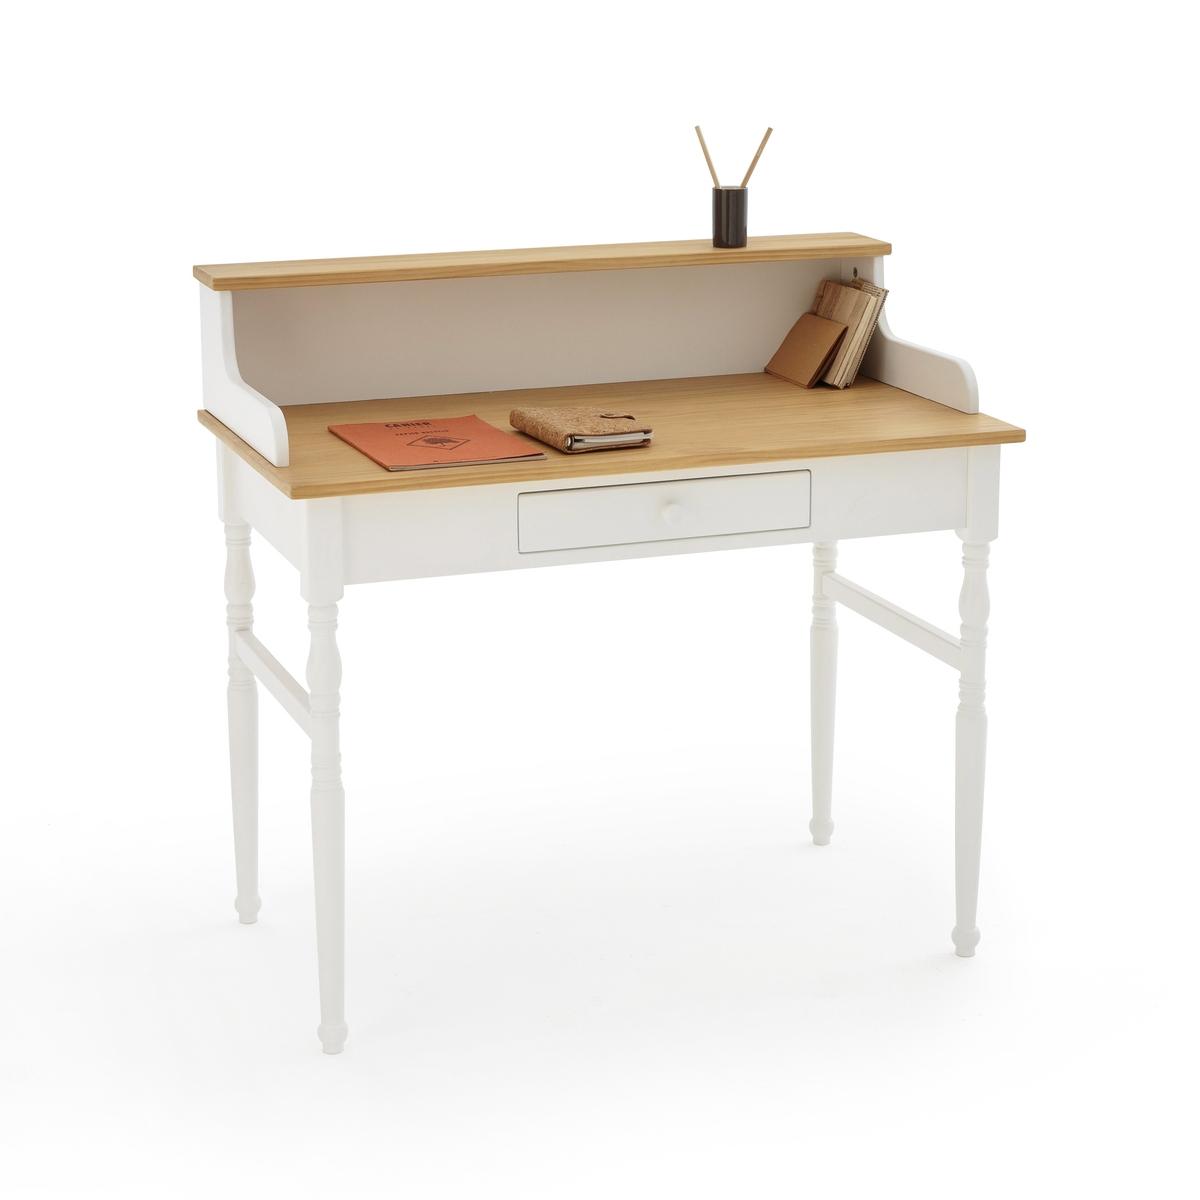 Стол La Redoute Письменный из массива сосны с надставкой ALVINA единый размер белый стол письменный из массива сосны gaby